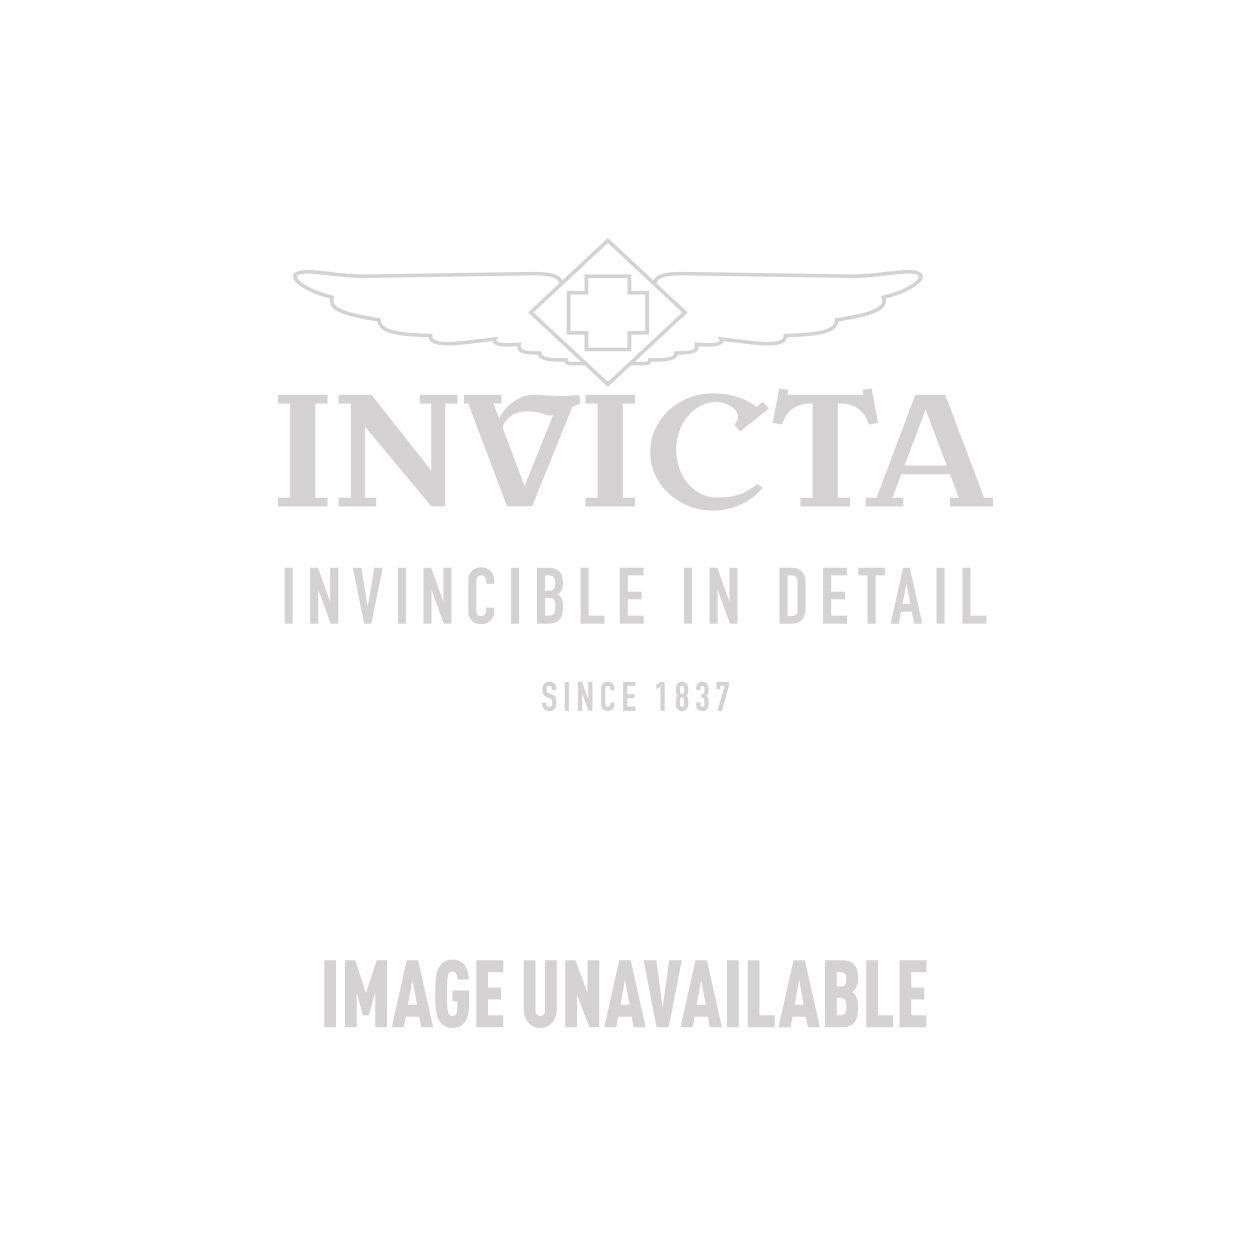 Invicta Model 29086